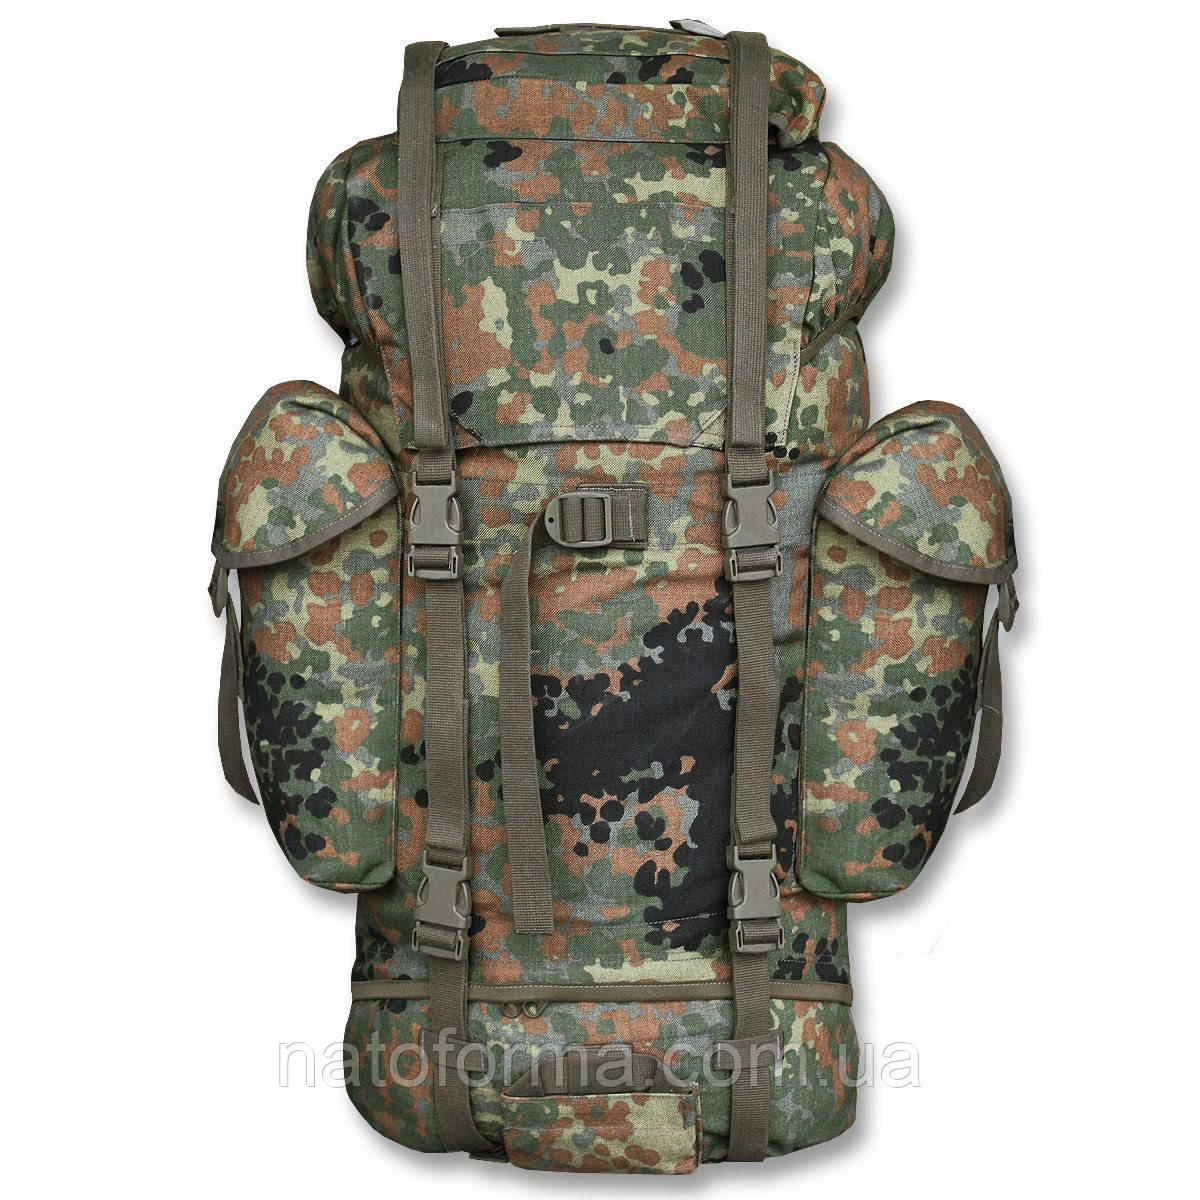 Походный (рейдовый, боевой) рюкзак армии Бундесвера, ОРИГИНАЛ, флектарн, на 65л